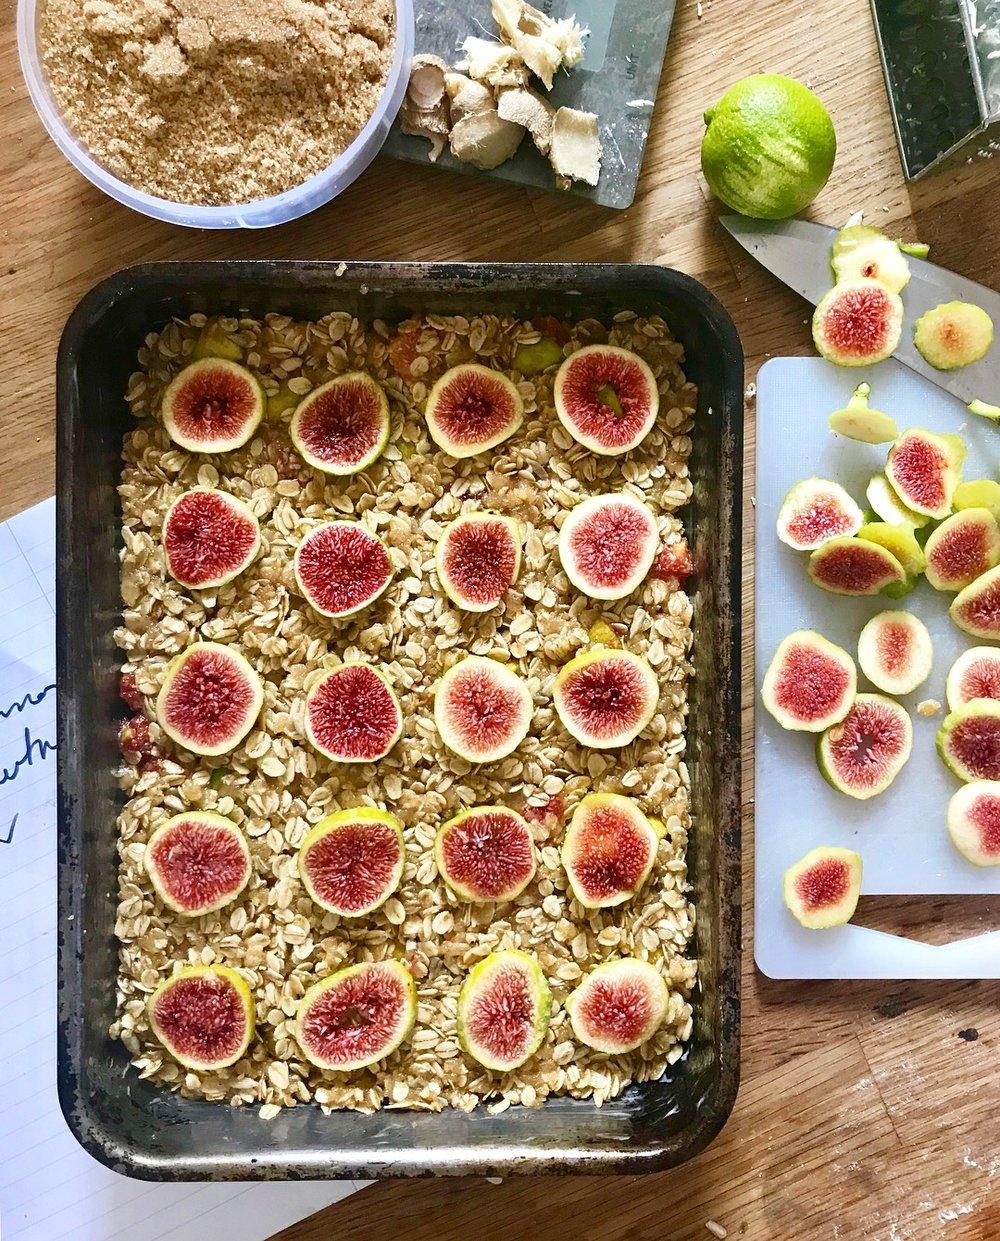 Sticky plum and pistachio flapjacks